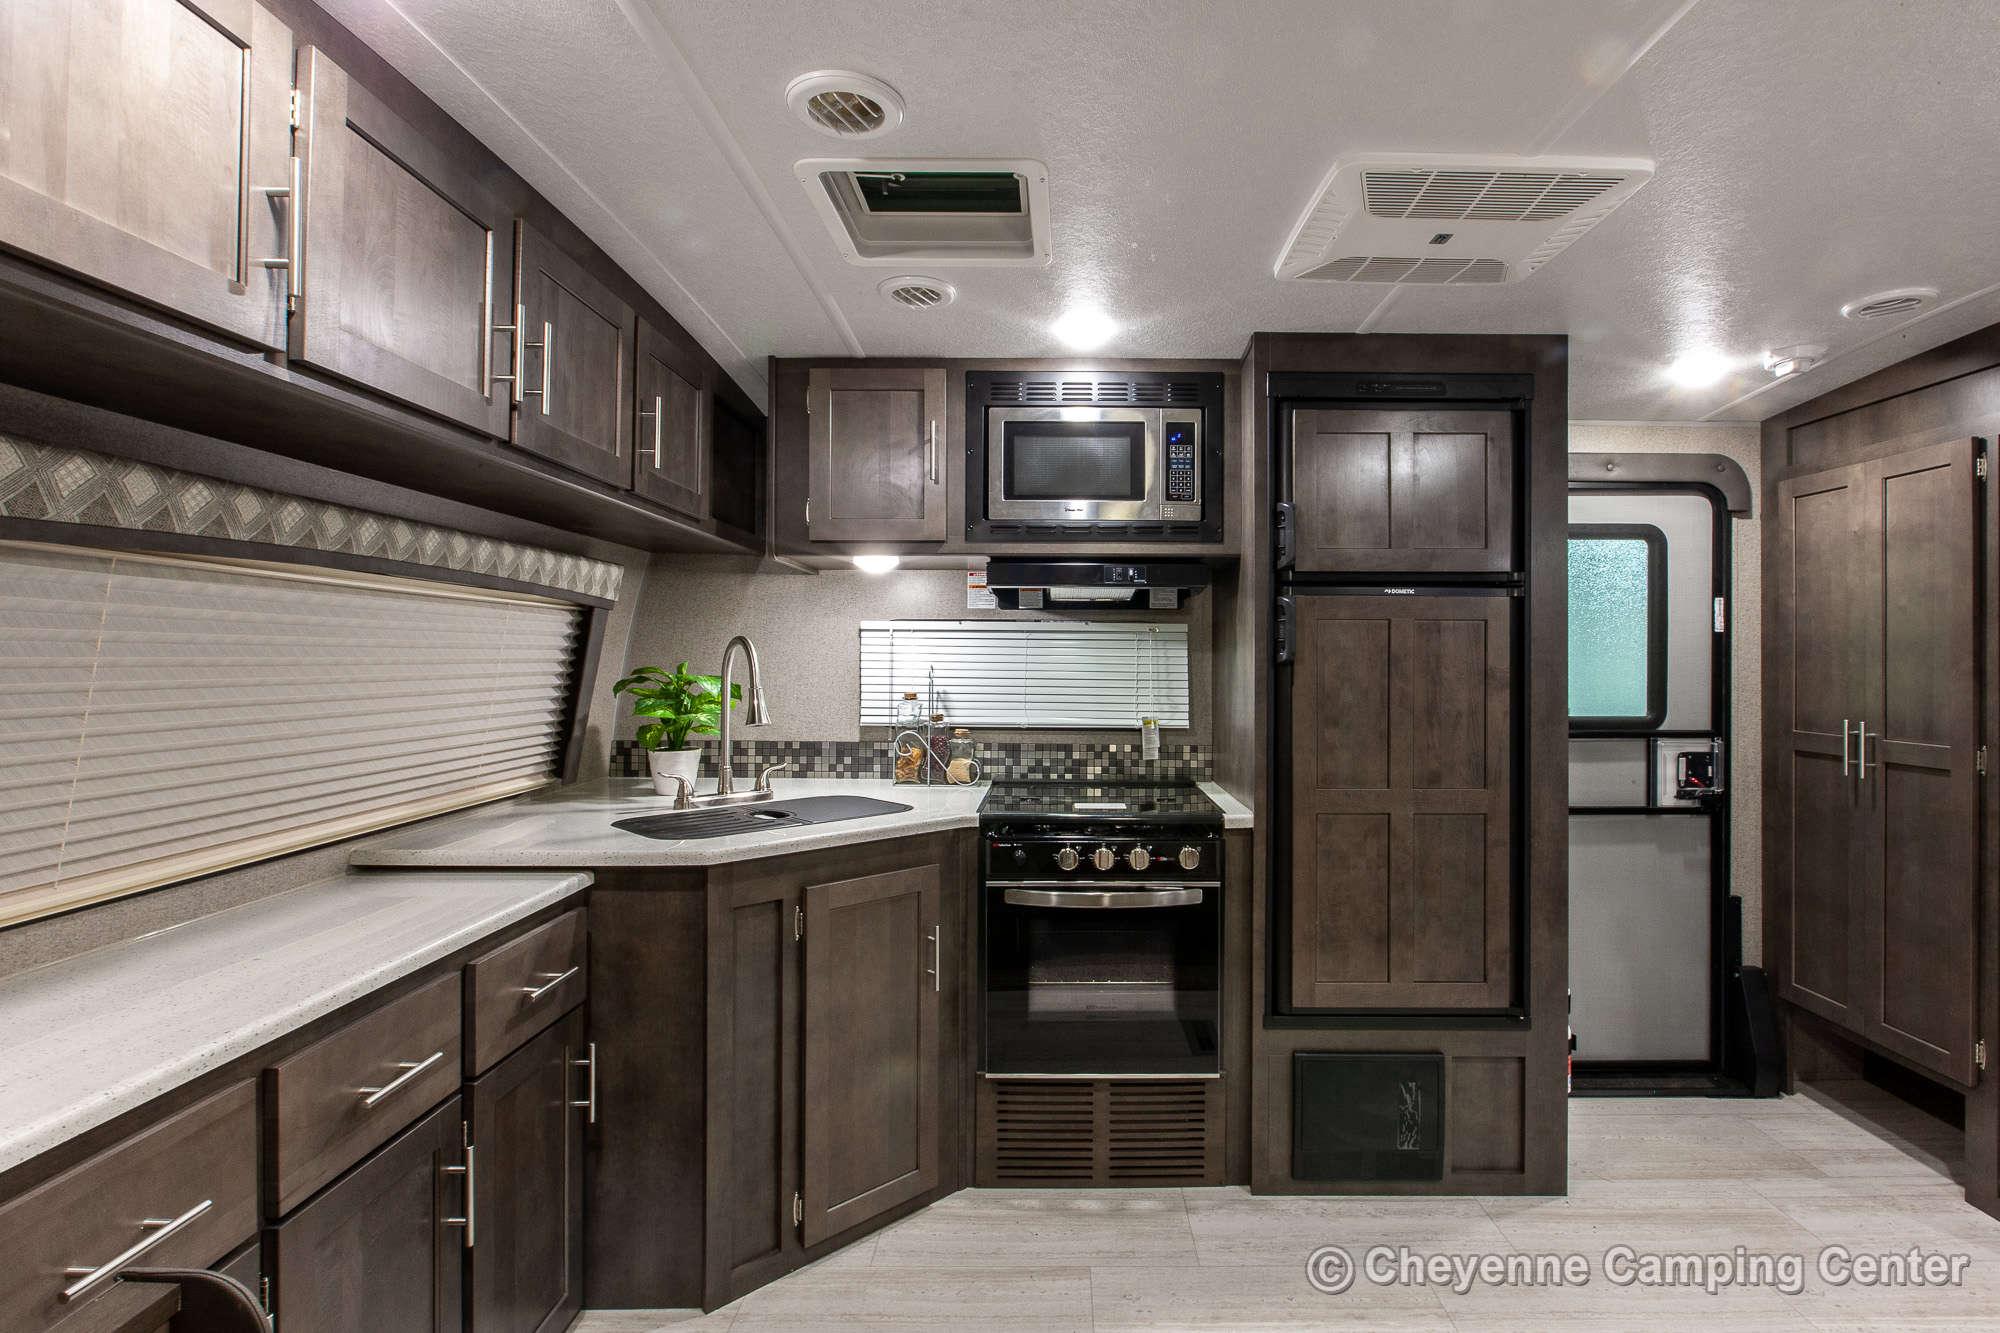 2020 Forest River Flagstaff Super Lite 26FKBS Front Kitchen Travel Trailer Interior Image